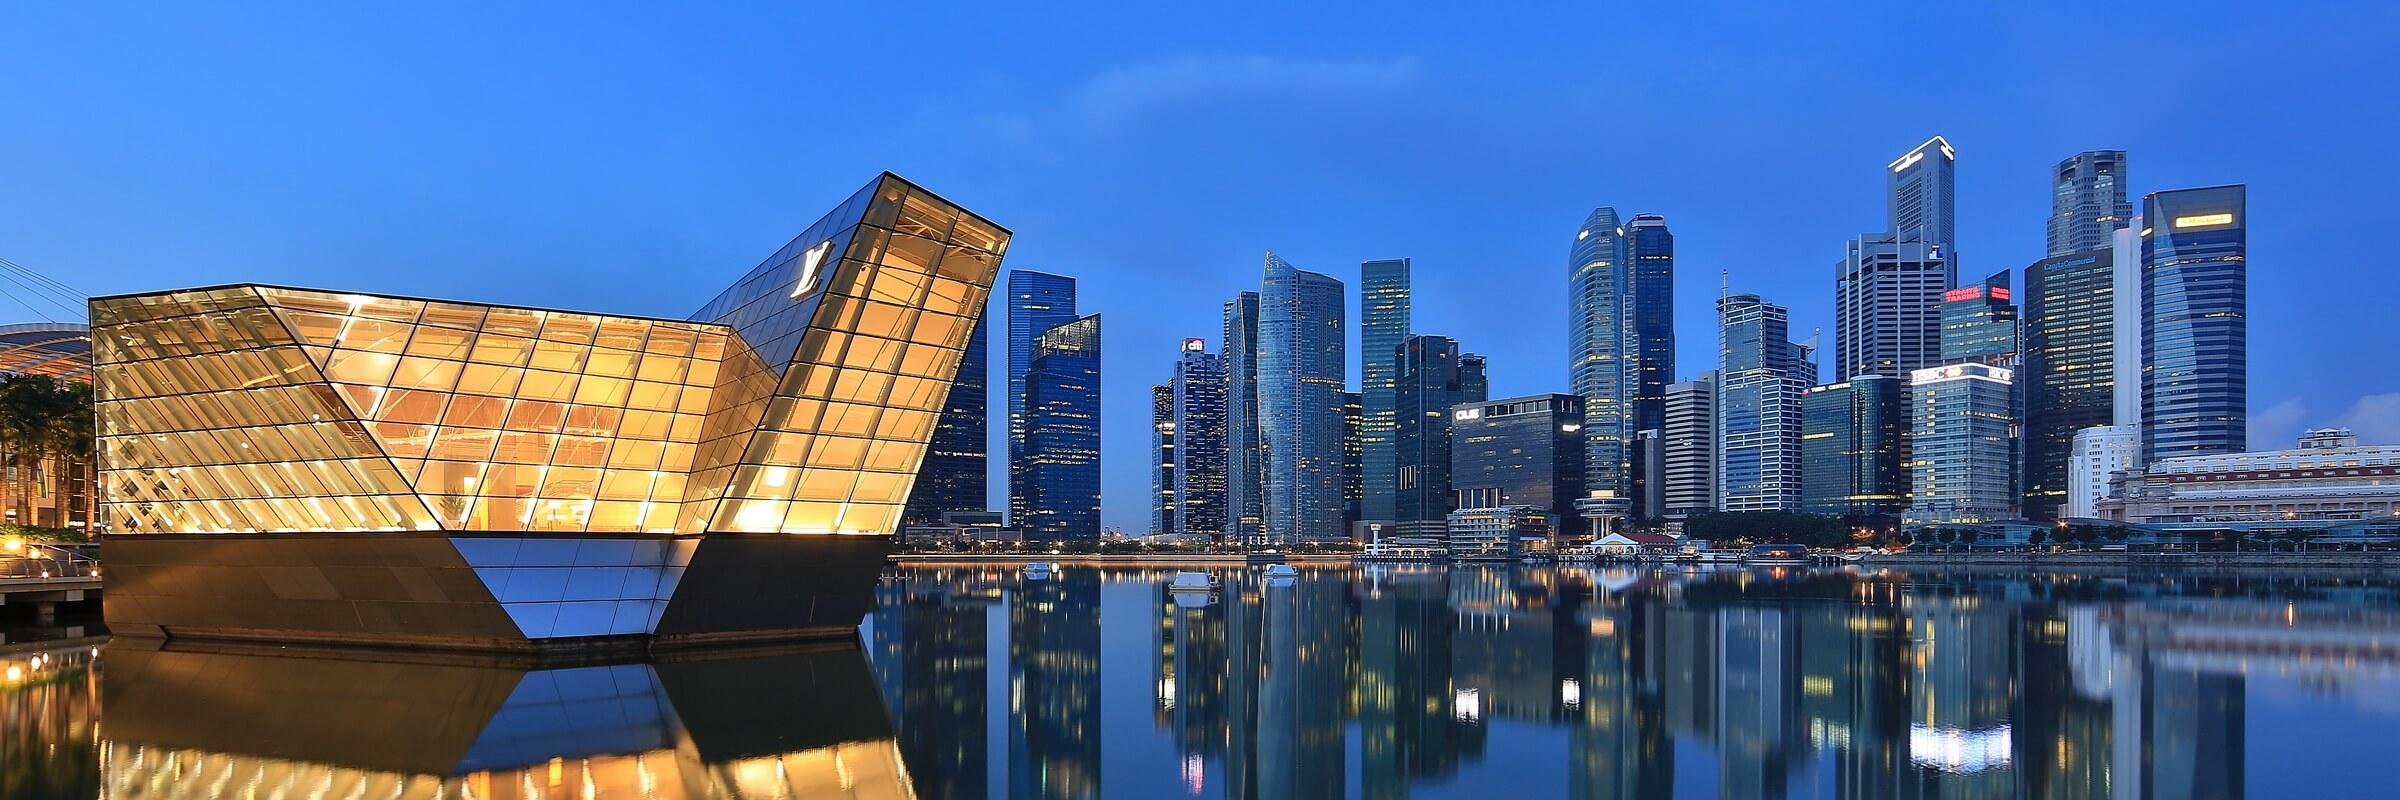 Marina Bay ist der jüngste Stadtteil von Singapur und wurde auf künstlichen Landaufschüttungen gebaut.